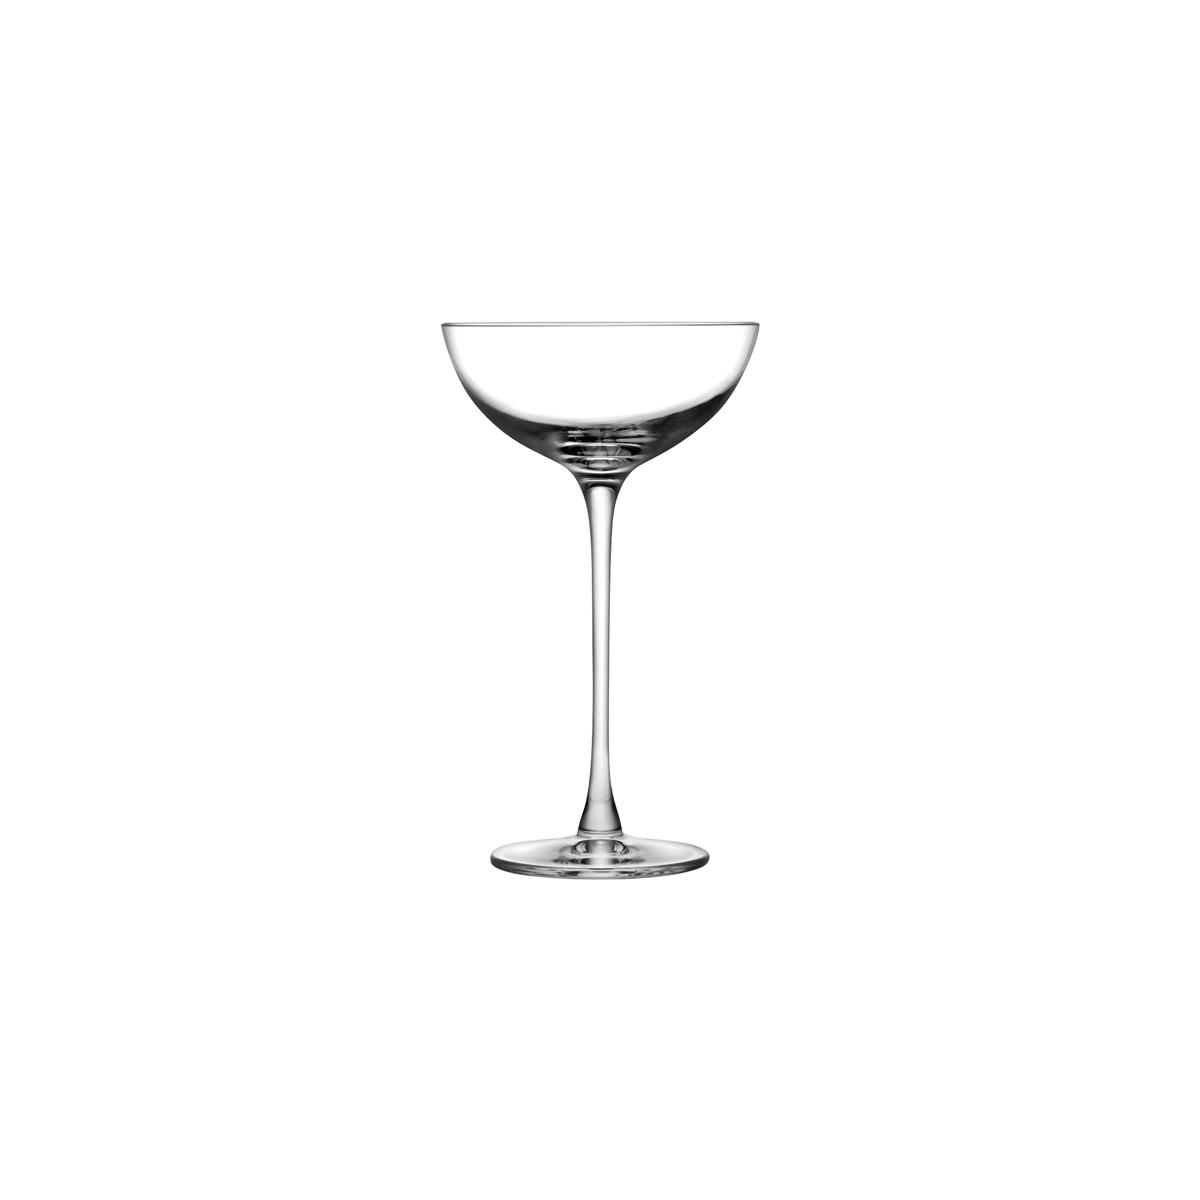 NUDE hepburn coupe glass